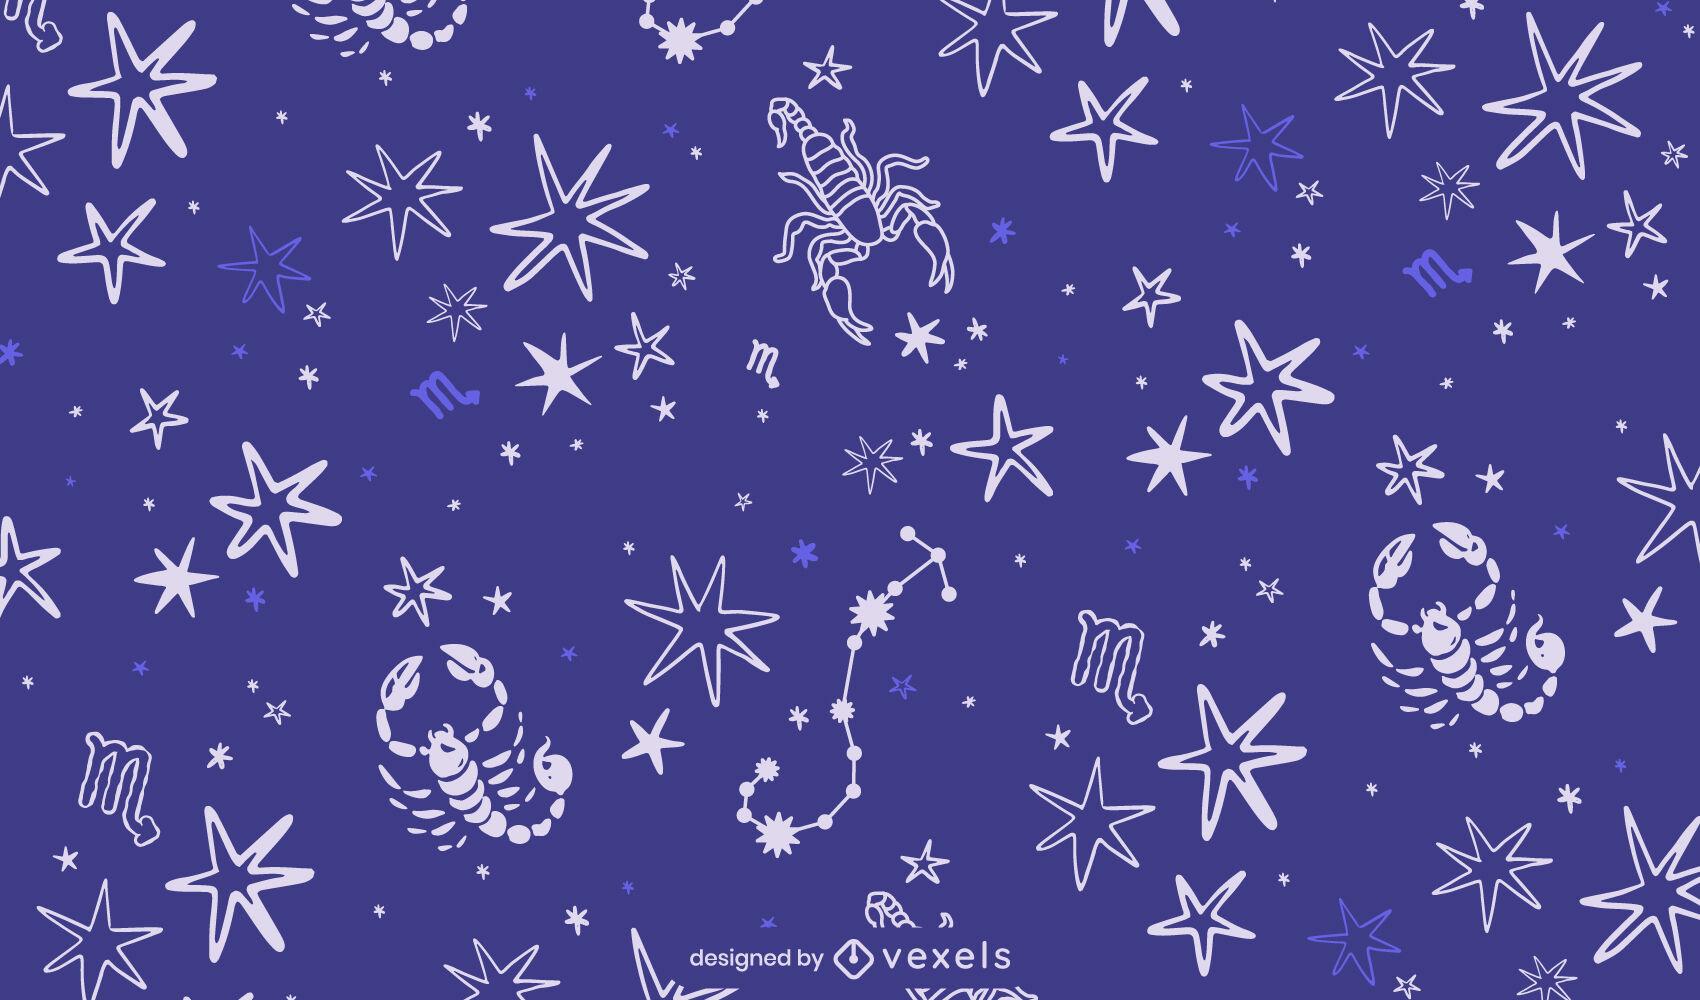 Patrón de signo del zodiaco de la constelación de Escorpio